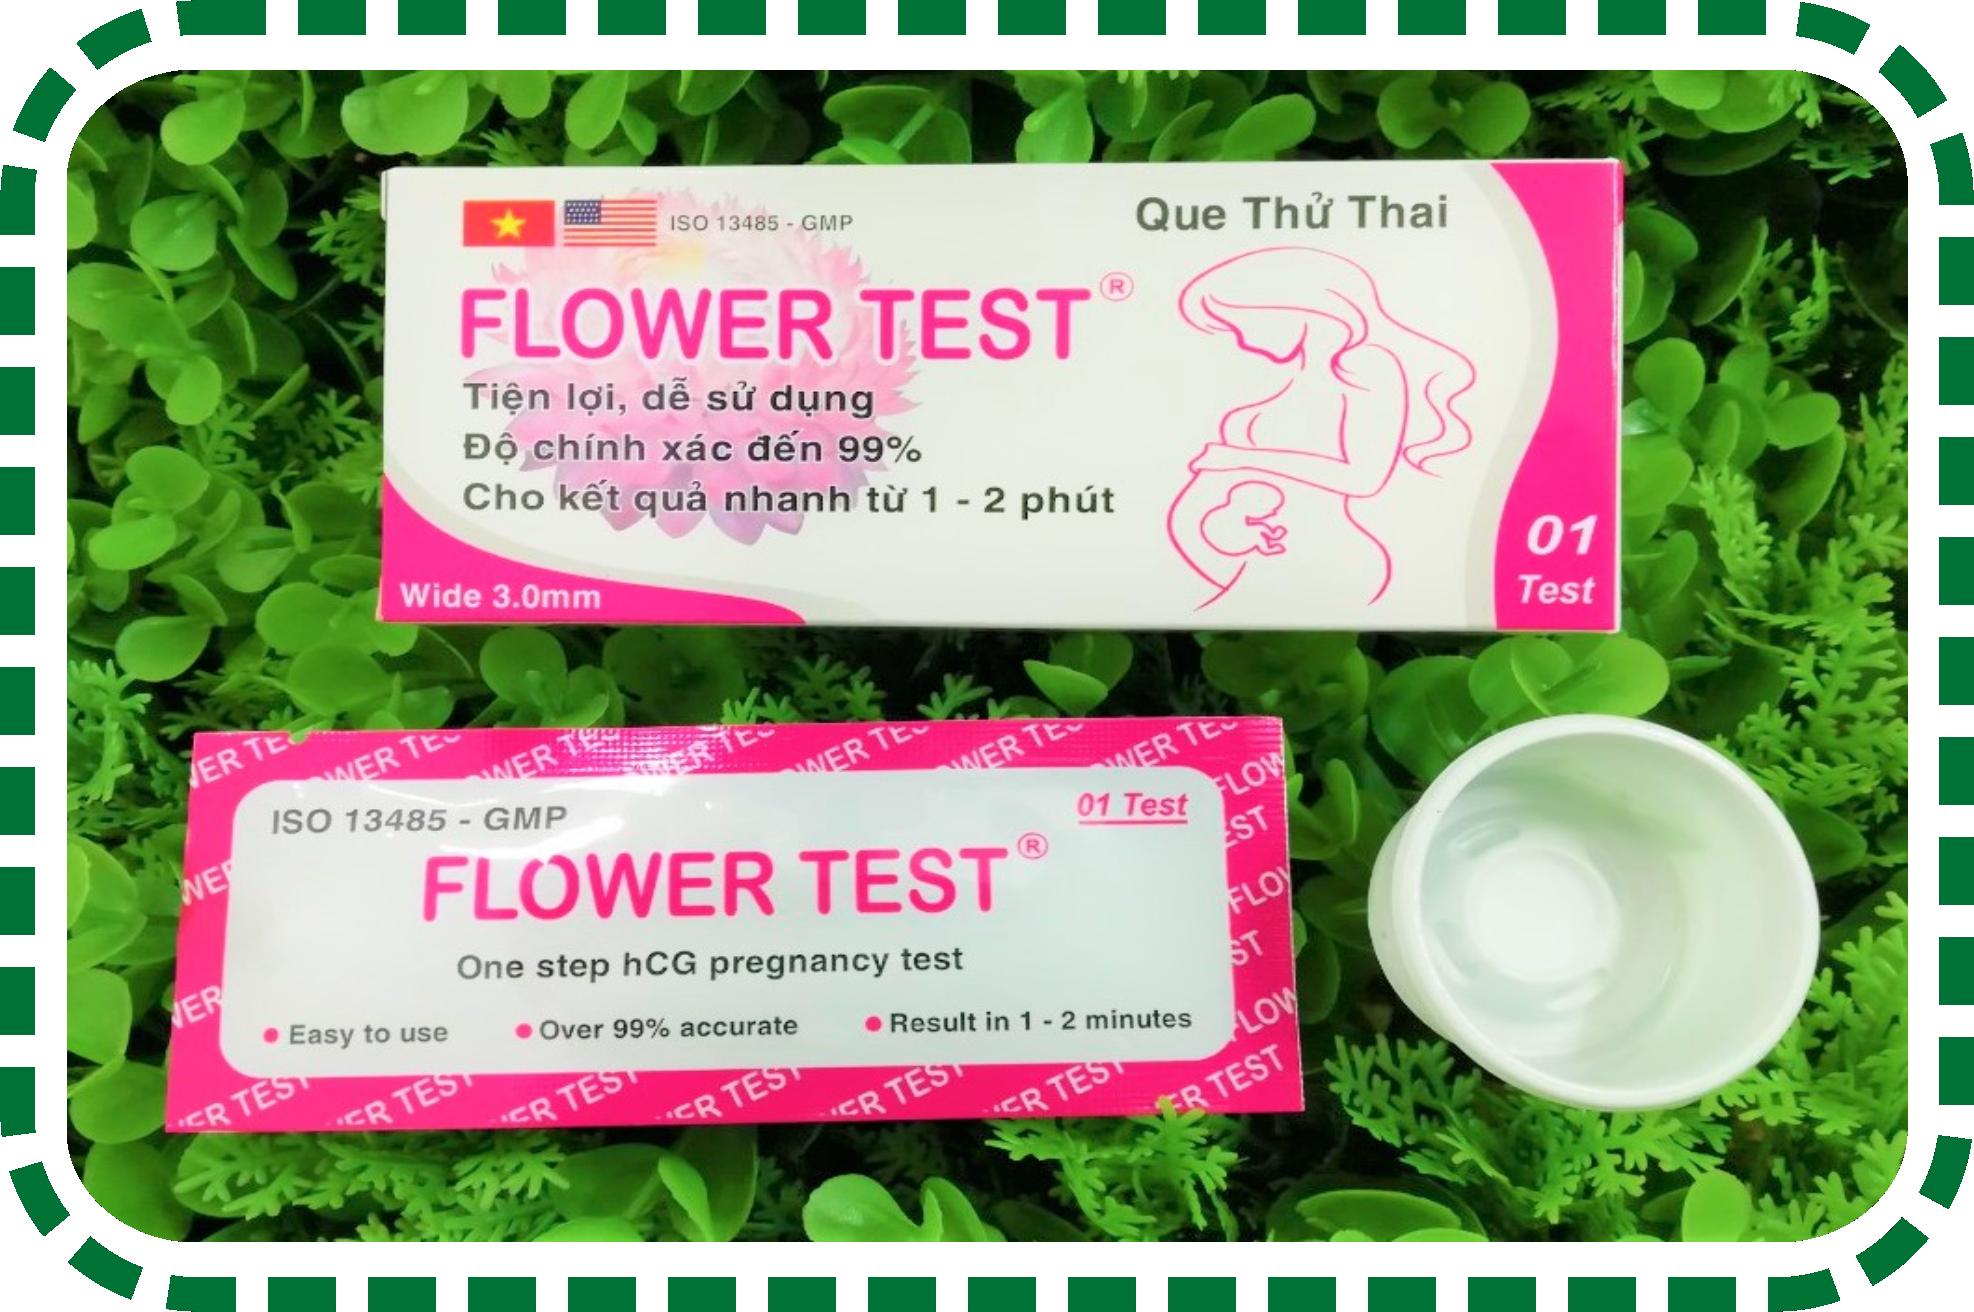 Que Thử Thai Flower Test